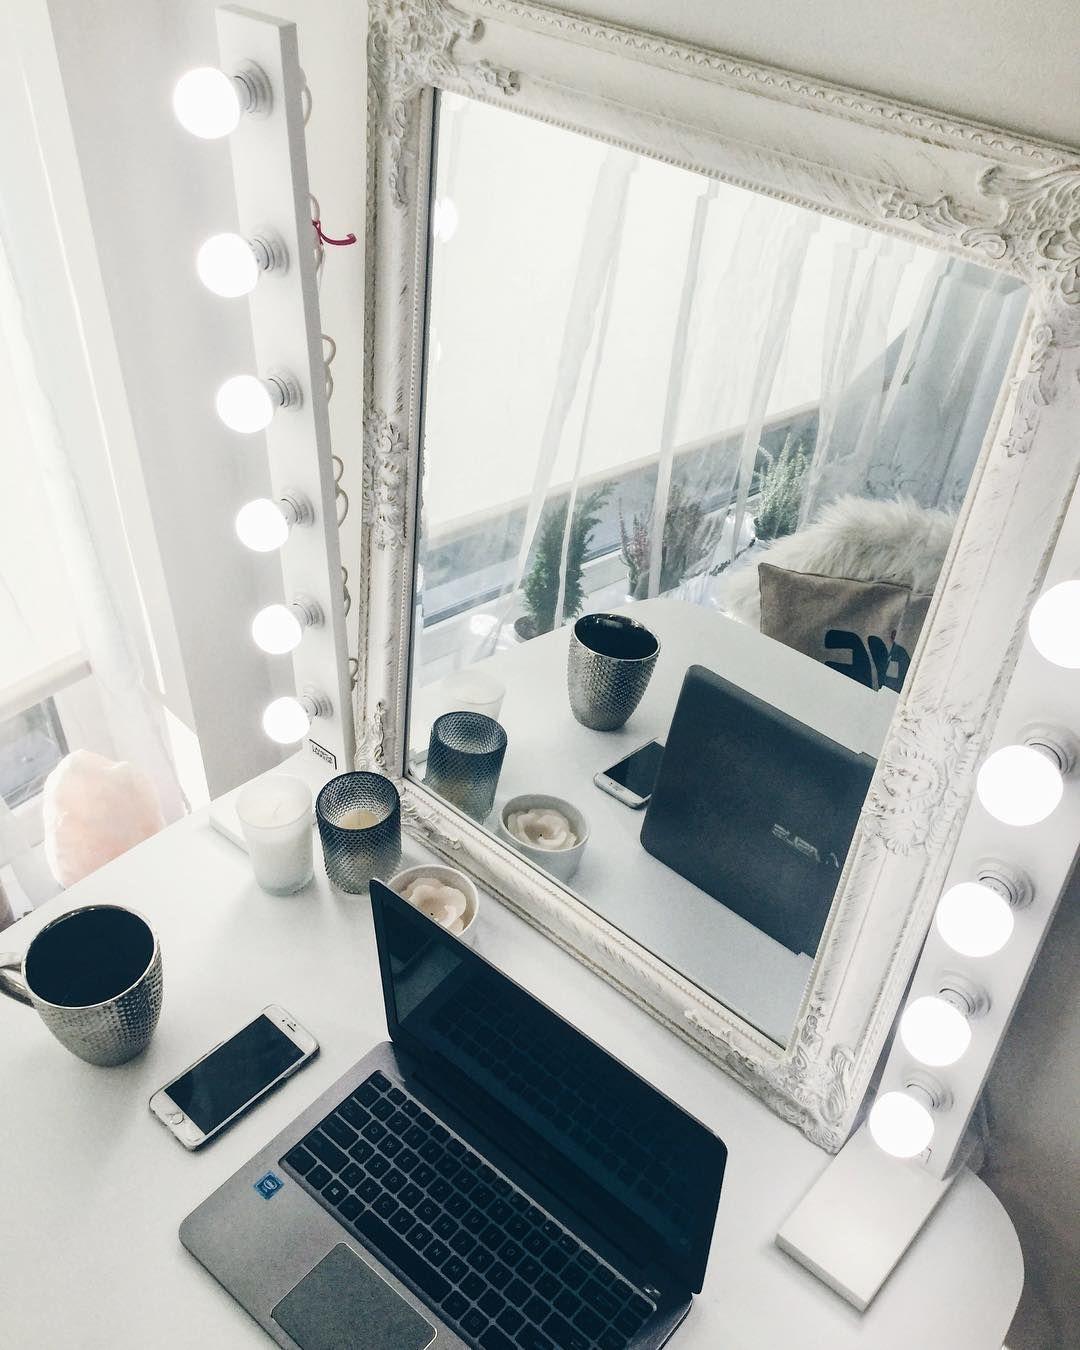 Visagistenspiegel Lamp Fur Make Up Spiegel Led Beleuchtung Schminktisch Beleuchtung Schminkspieg Best Lighting For Makeup Top Beauty Products Hollywood Mirror